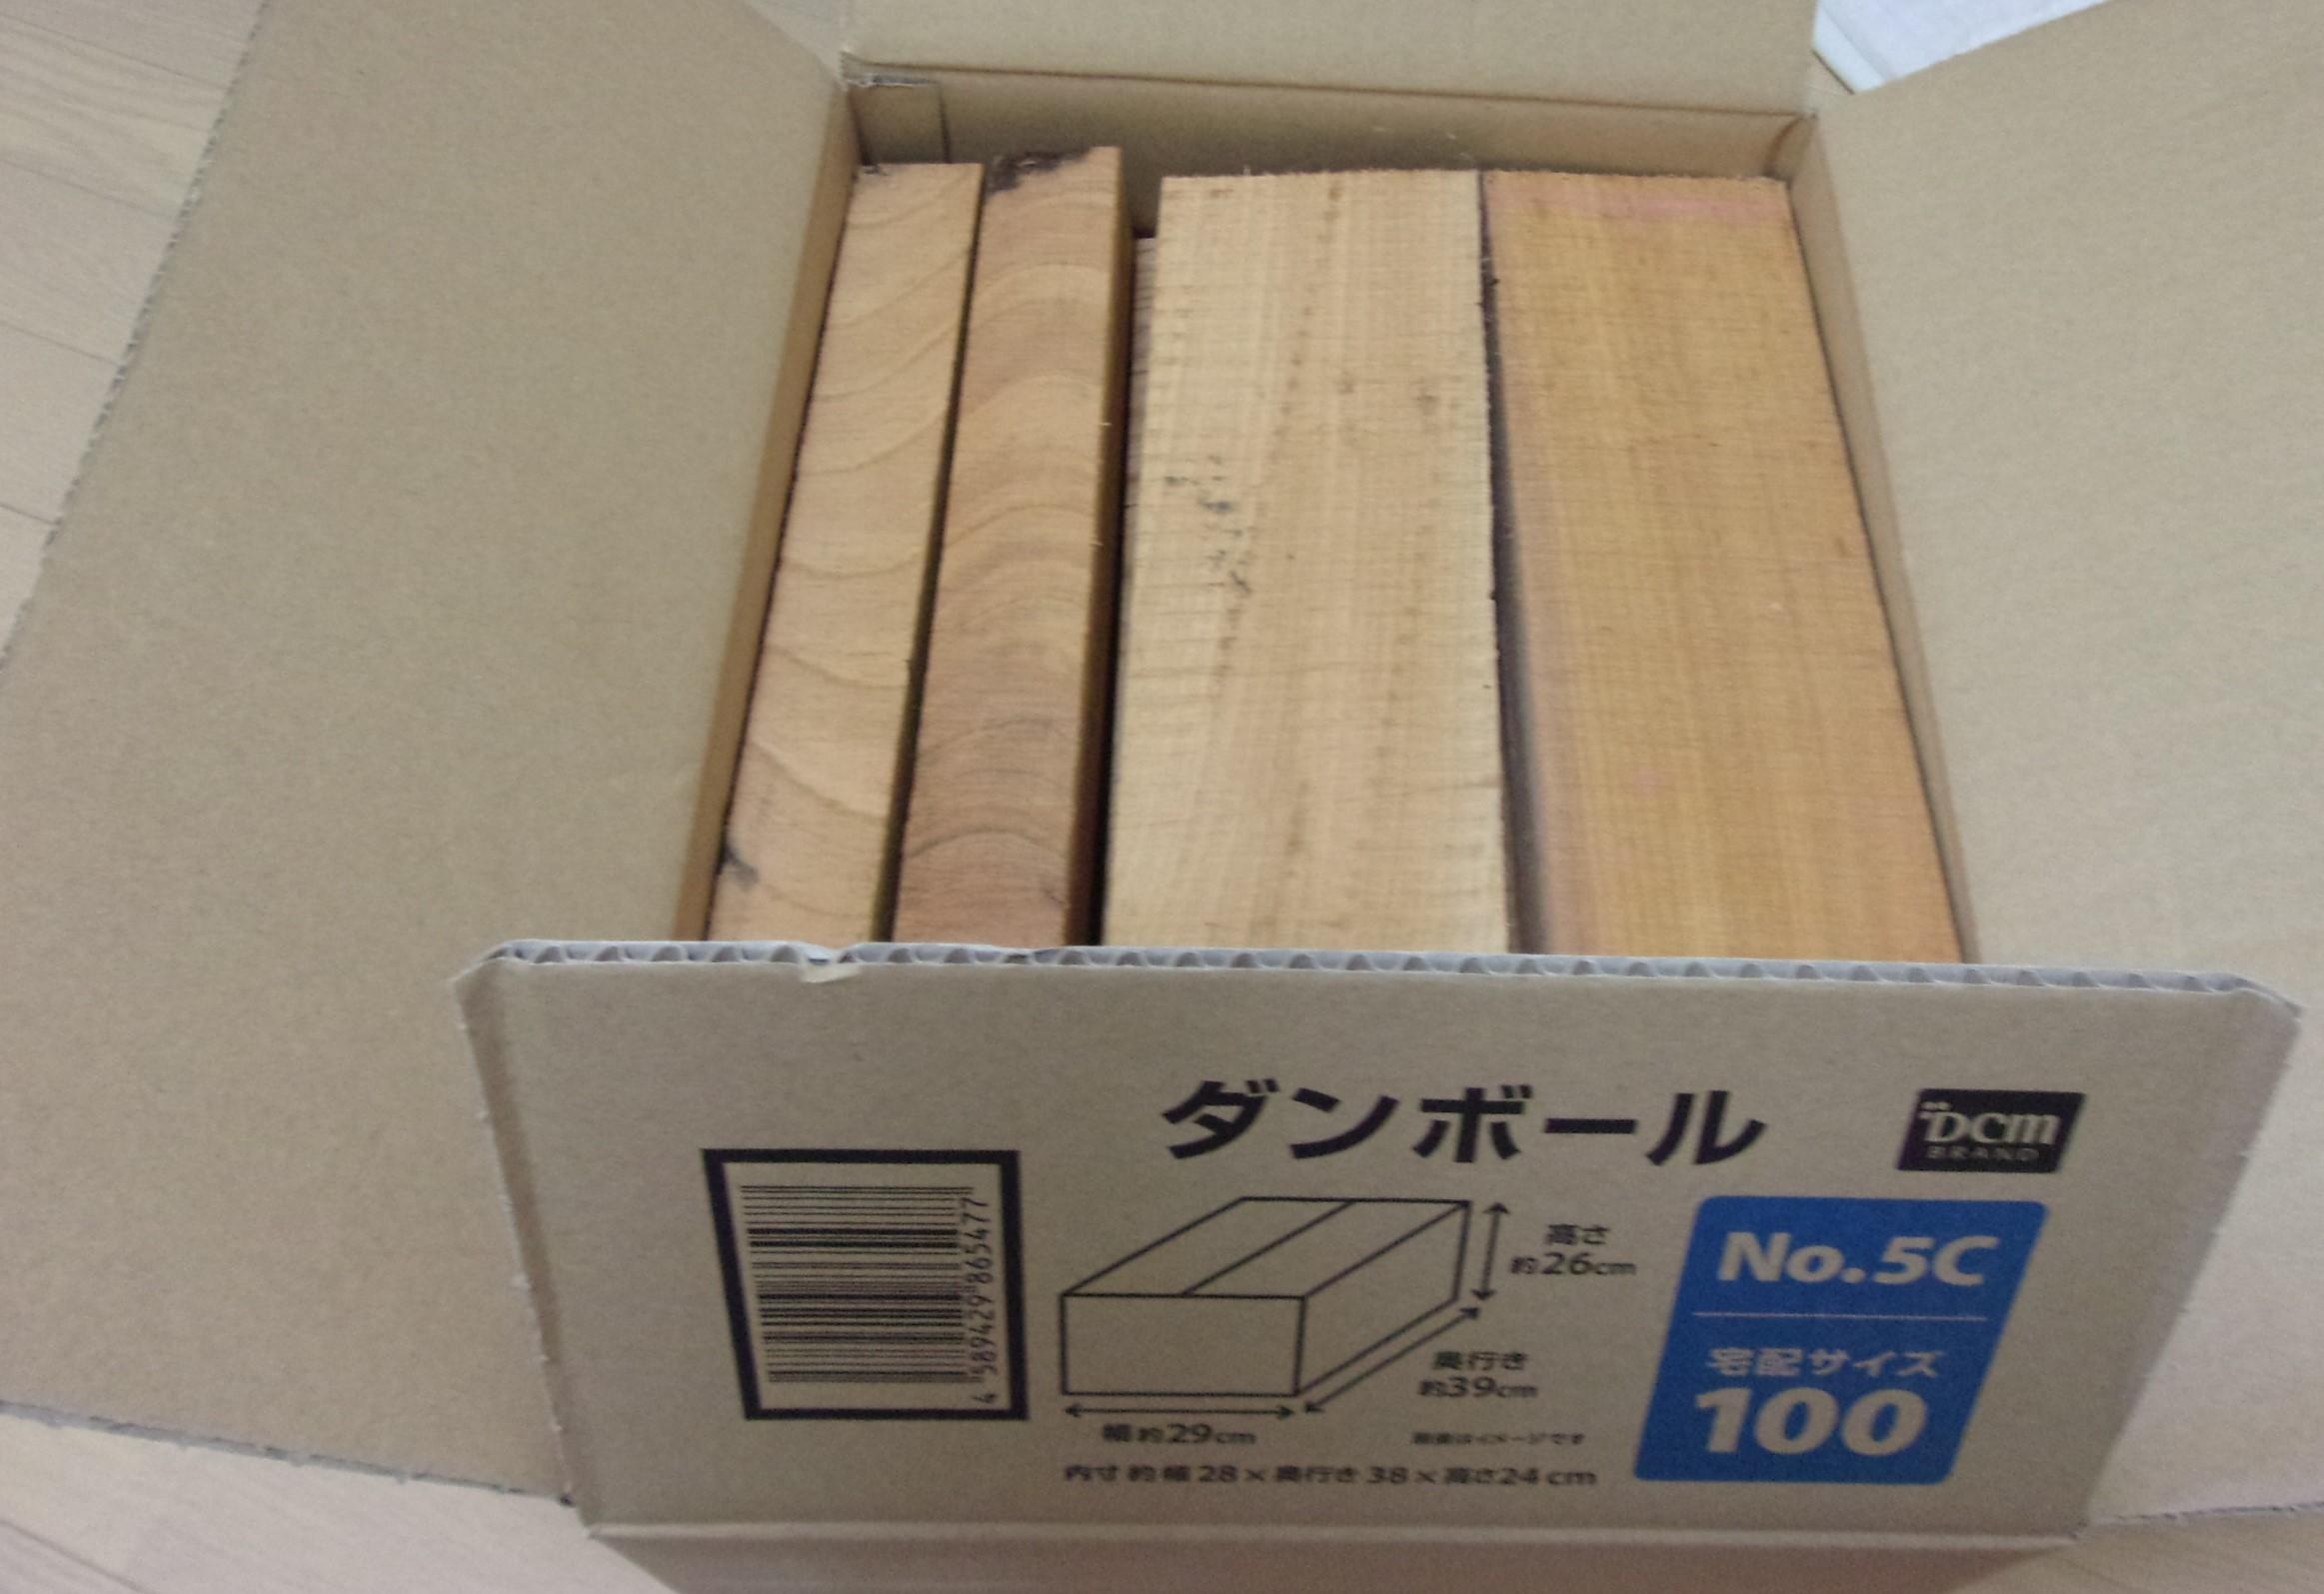 【送料・手数料無料!】 乾燥ケヤキ 端材 KF-634 ケヤキ 薪・木工に最適